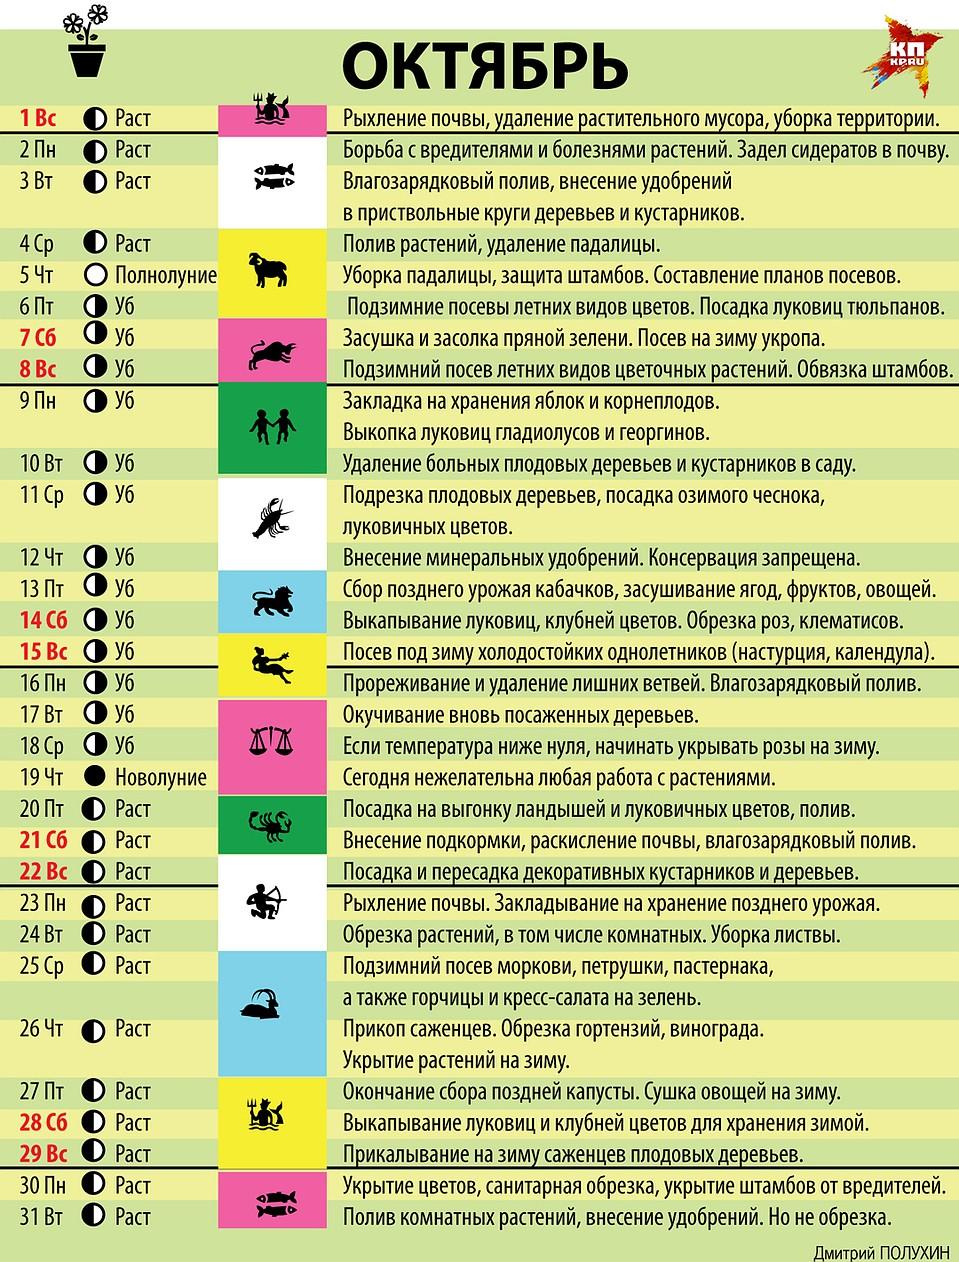 лунный календарь на октябрь фото перекладываю кастрюлю